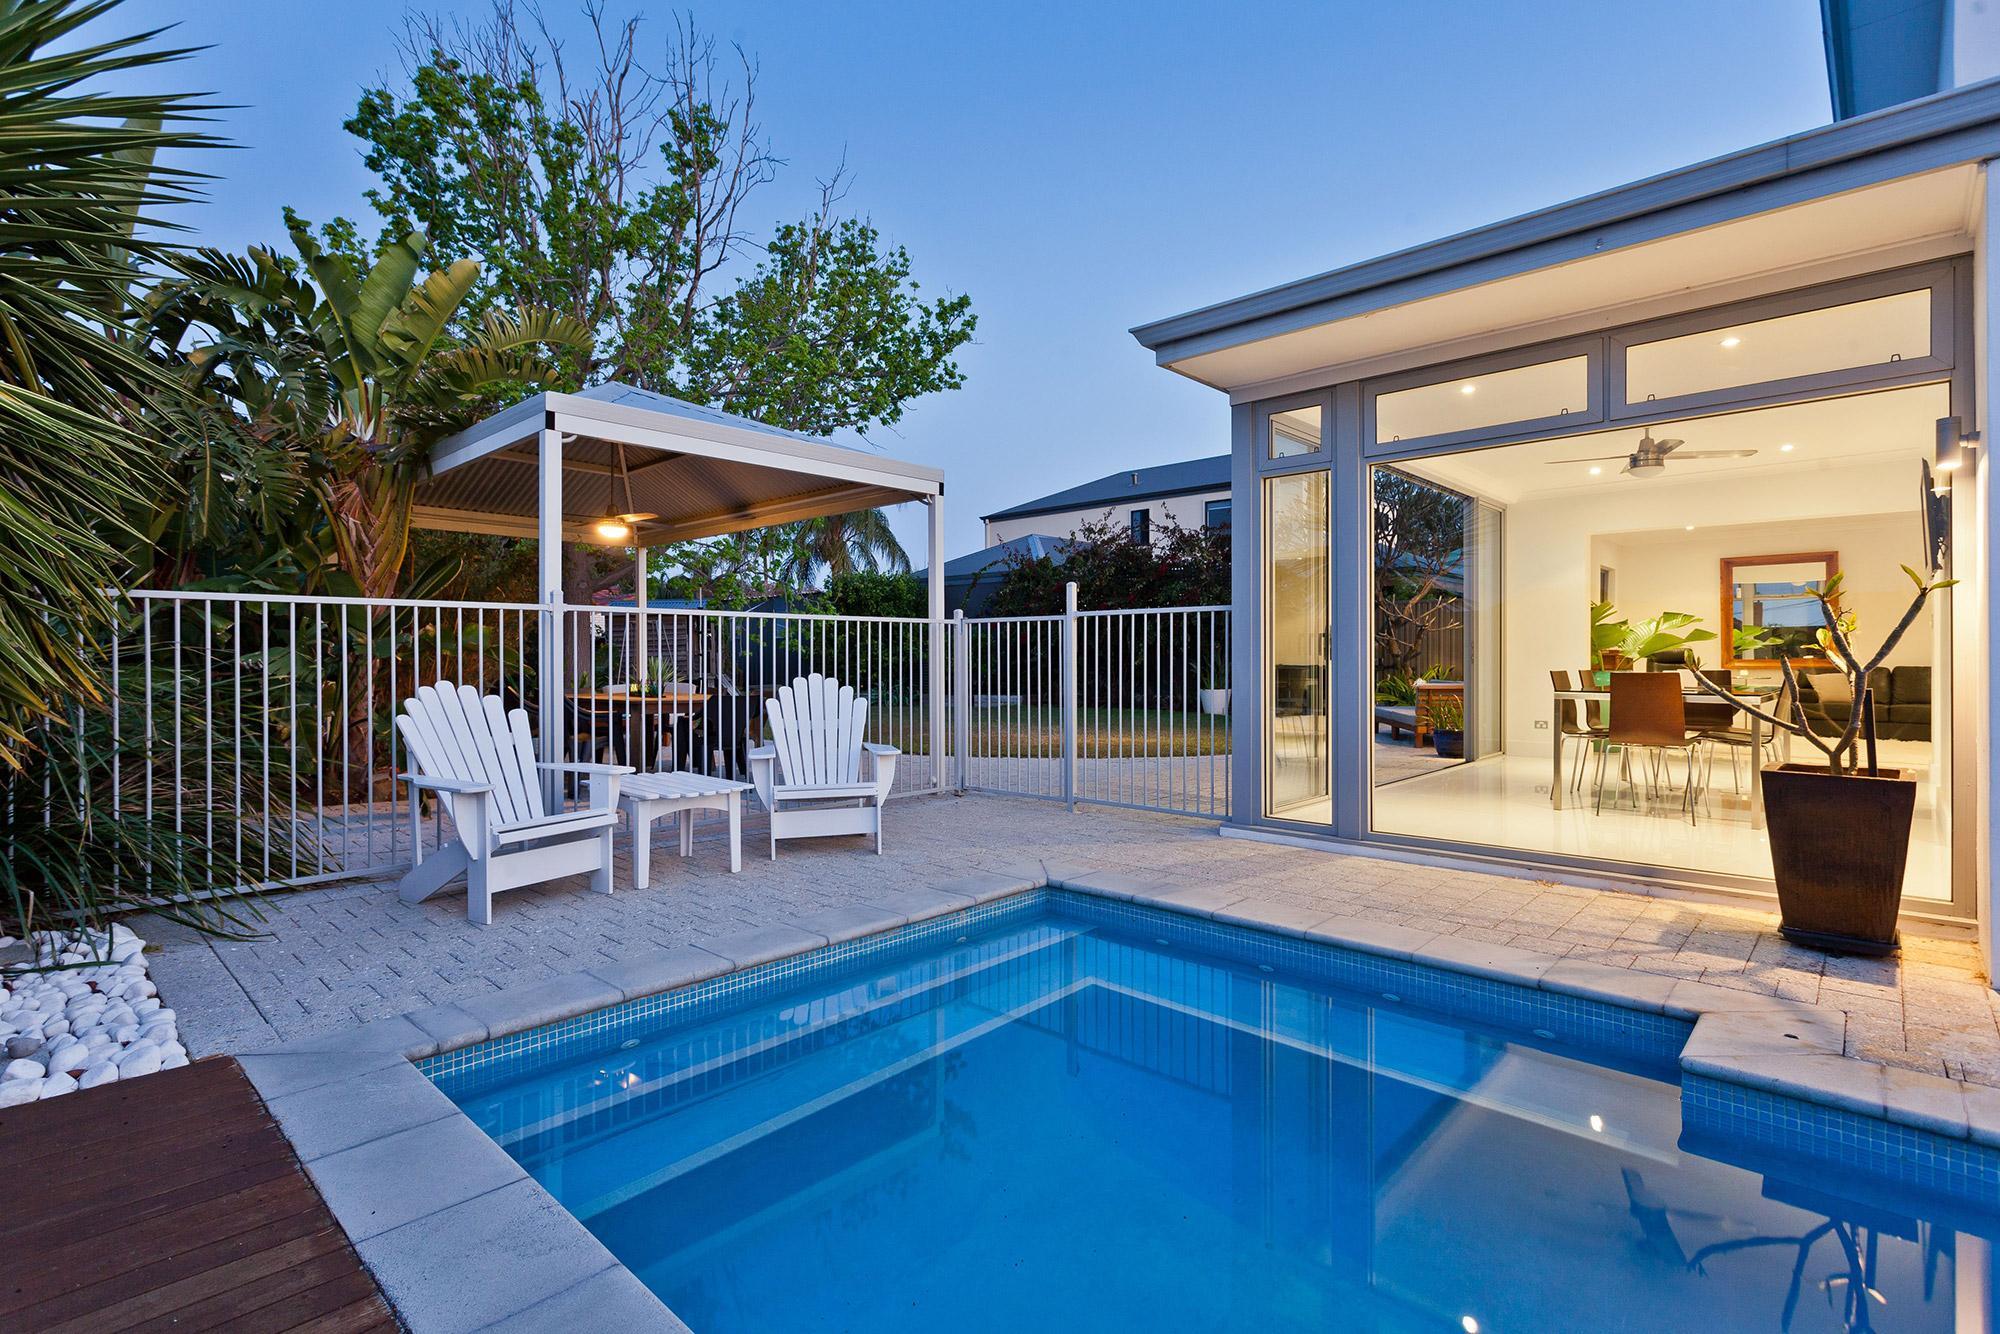 Une piscine pour l'été 2022